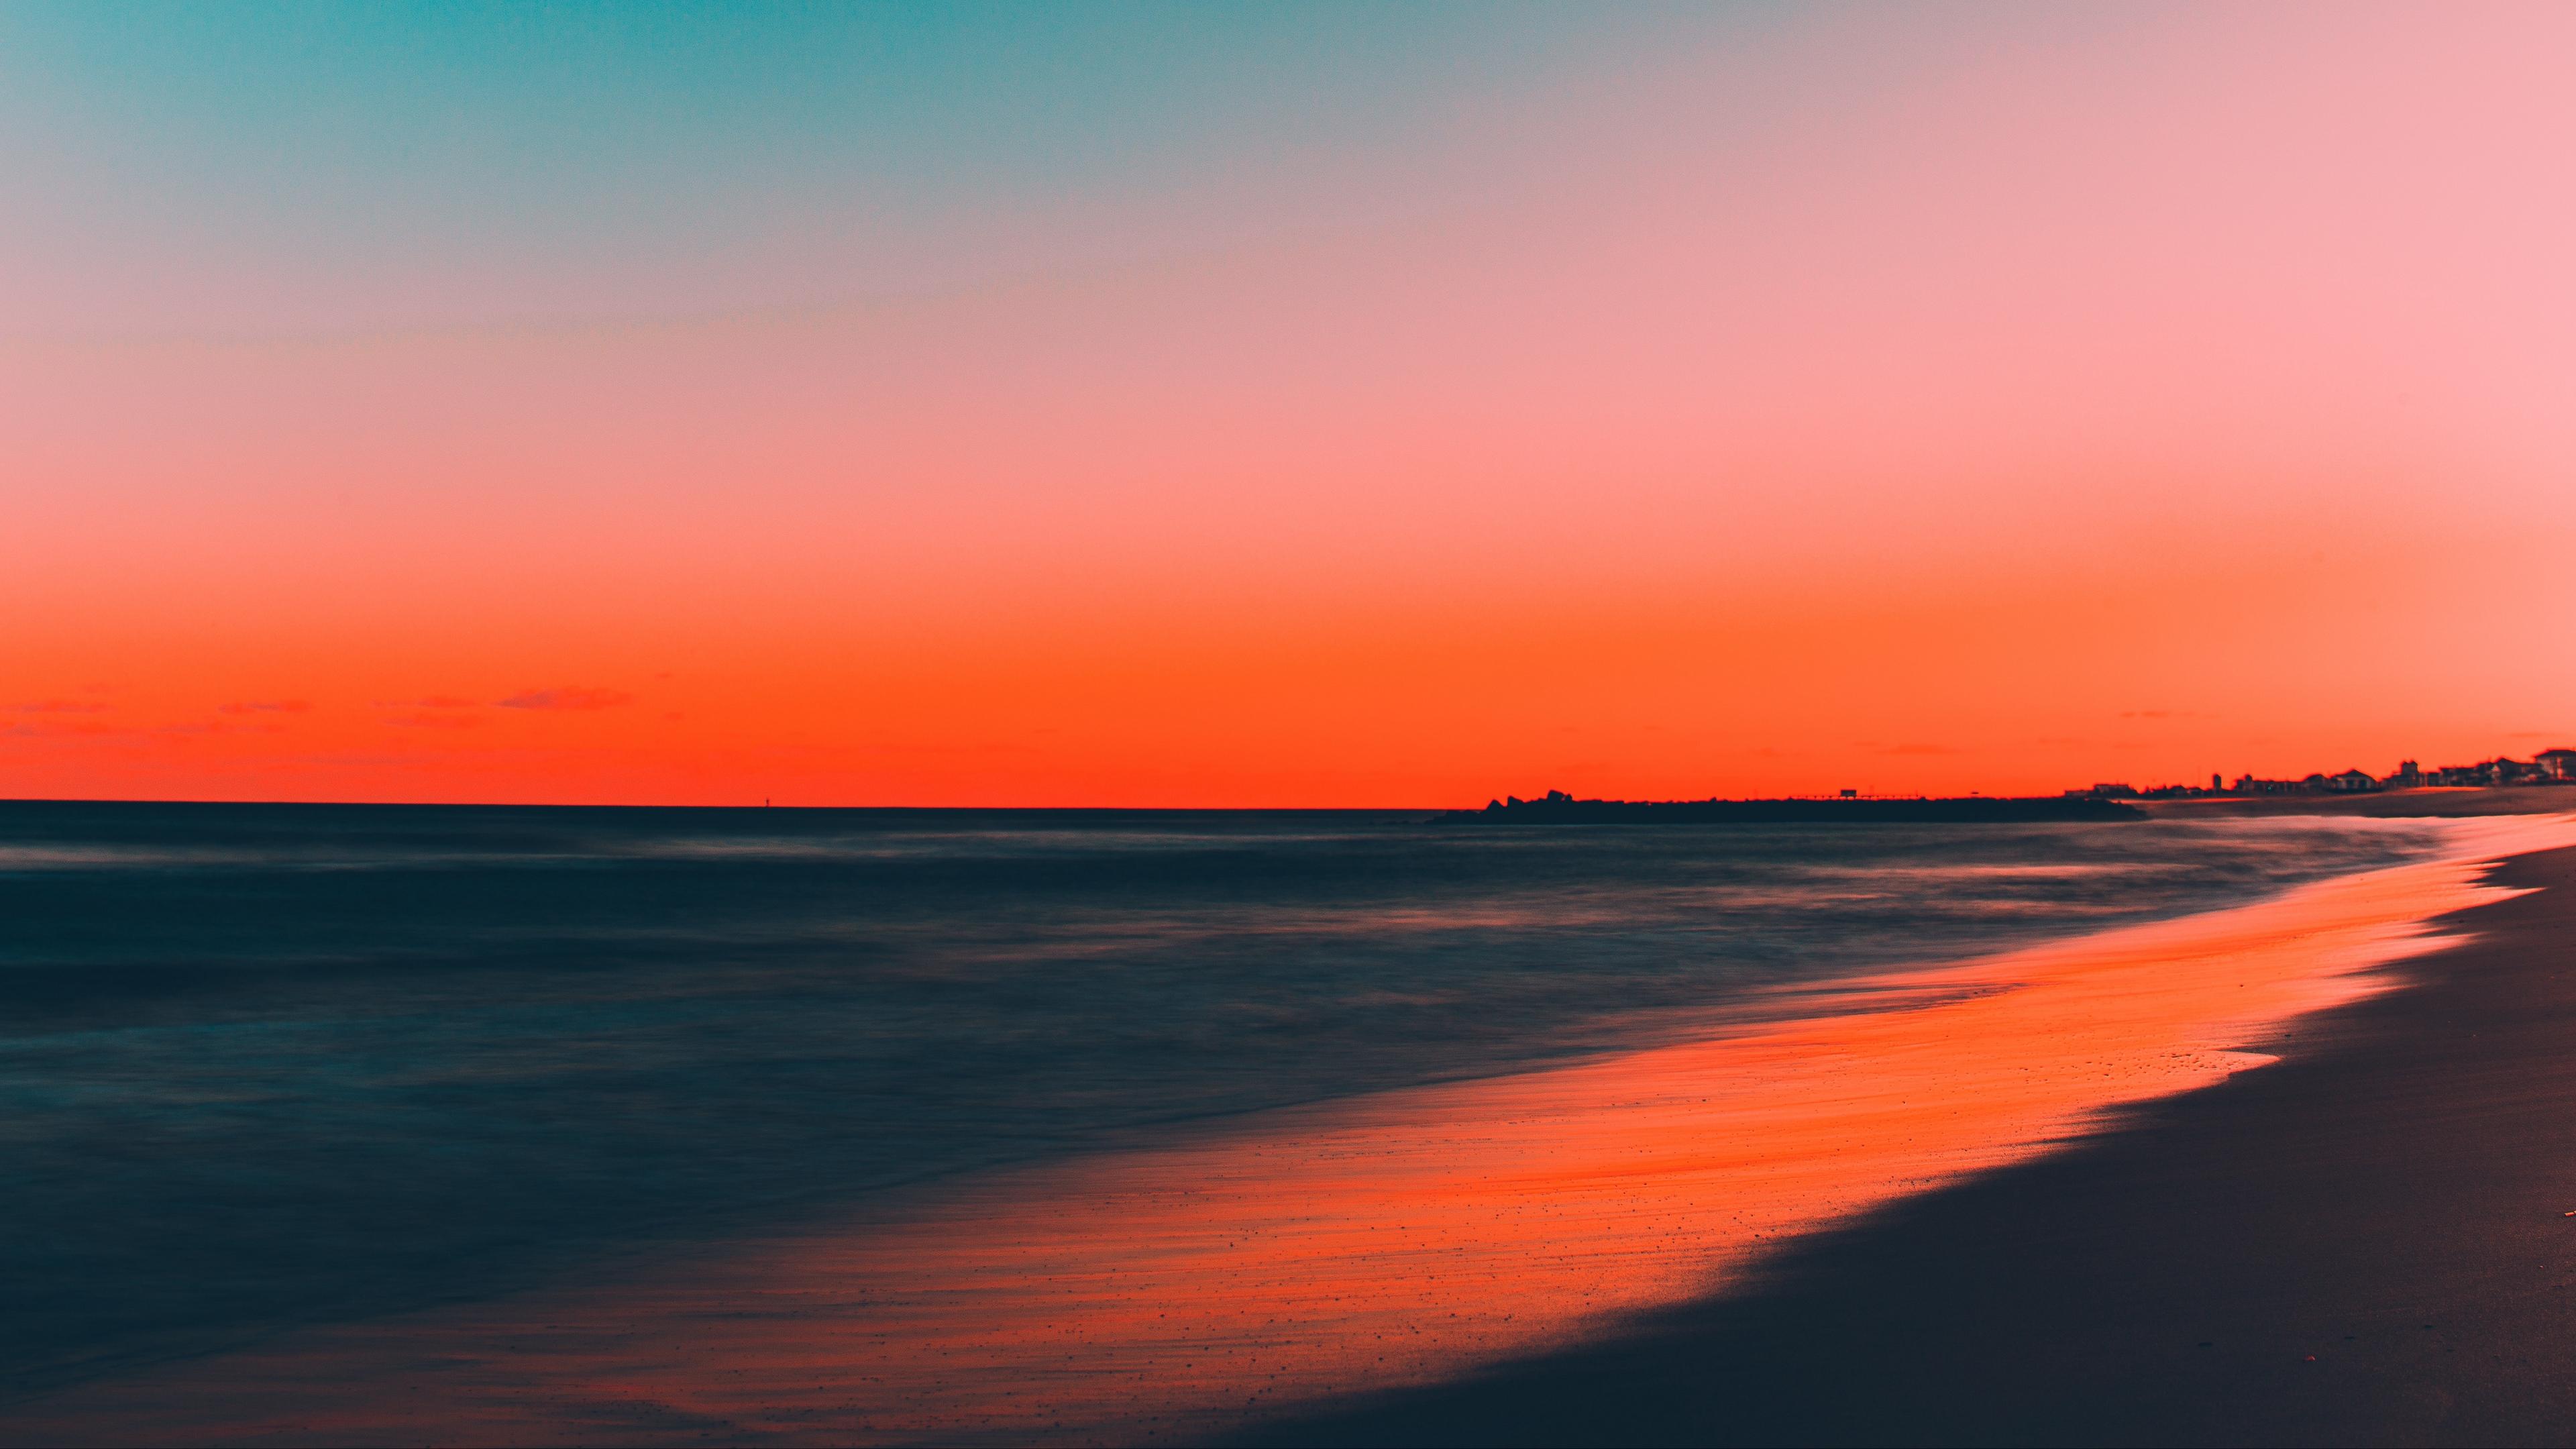 Ảnh background bầu trời ở bờ biển cực đẹp